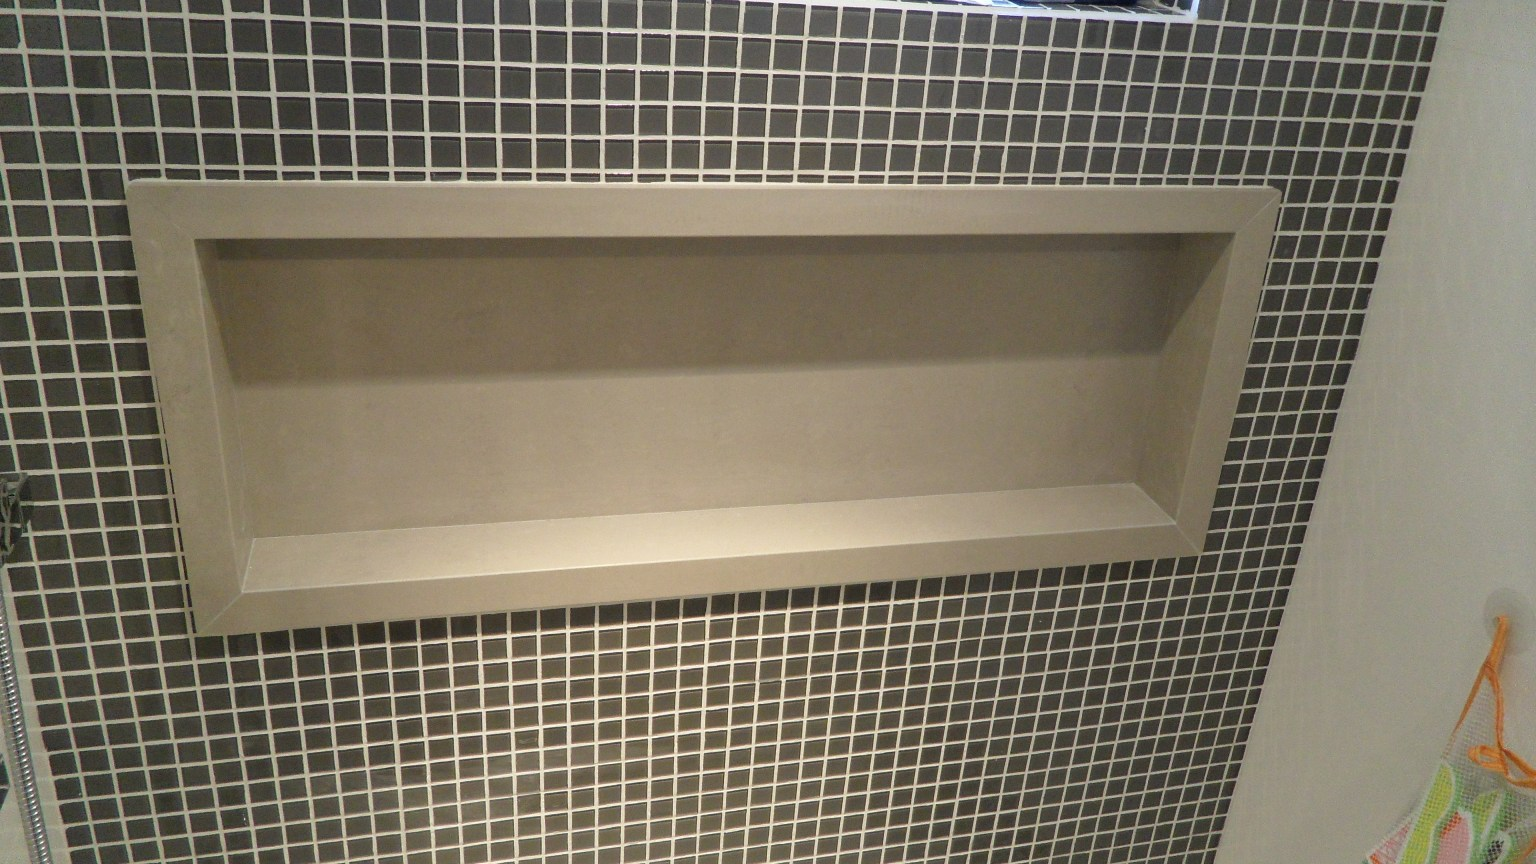 Imagens de #836E48  porcelanato.: Bancada e Nicho Porcelanato Portinari por Bel Taglio 1536x864 px 3702 Banheiros Porcelanato Bege